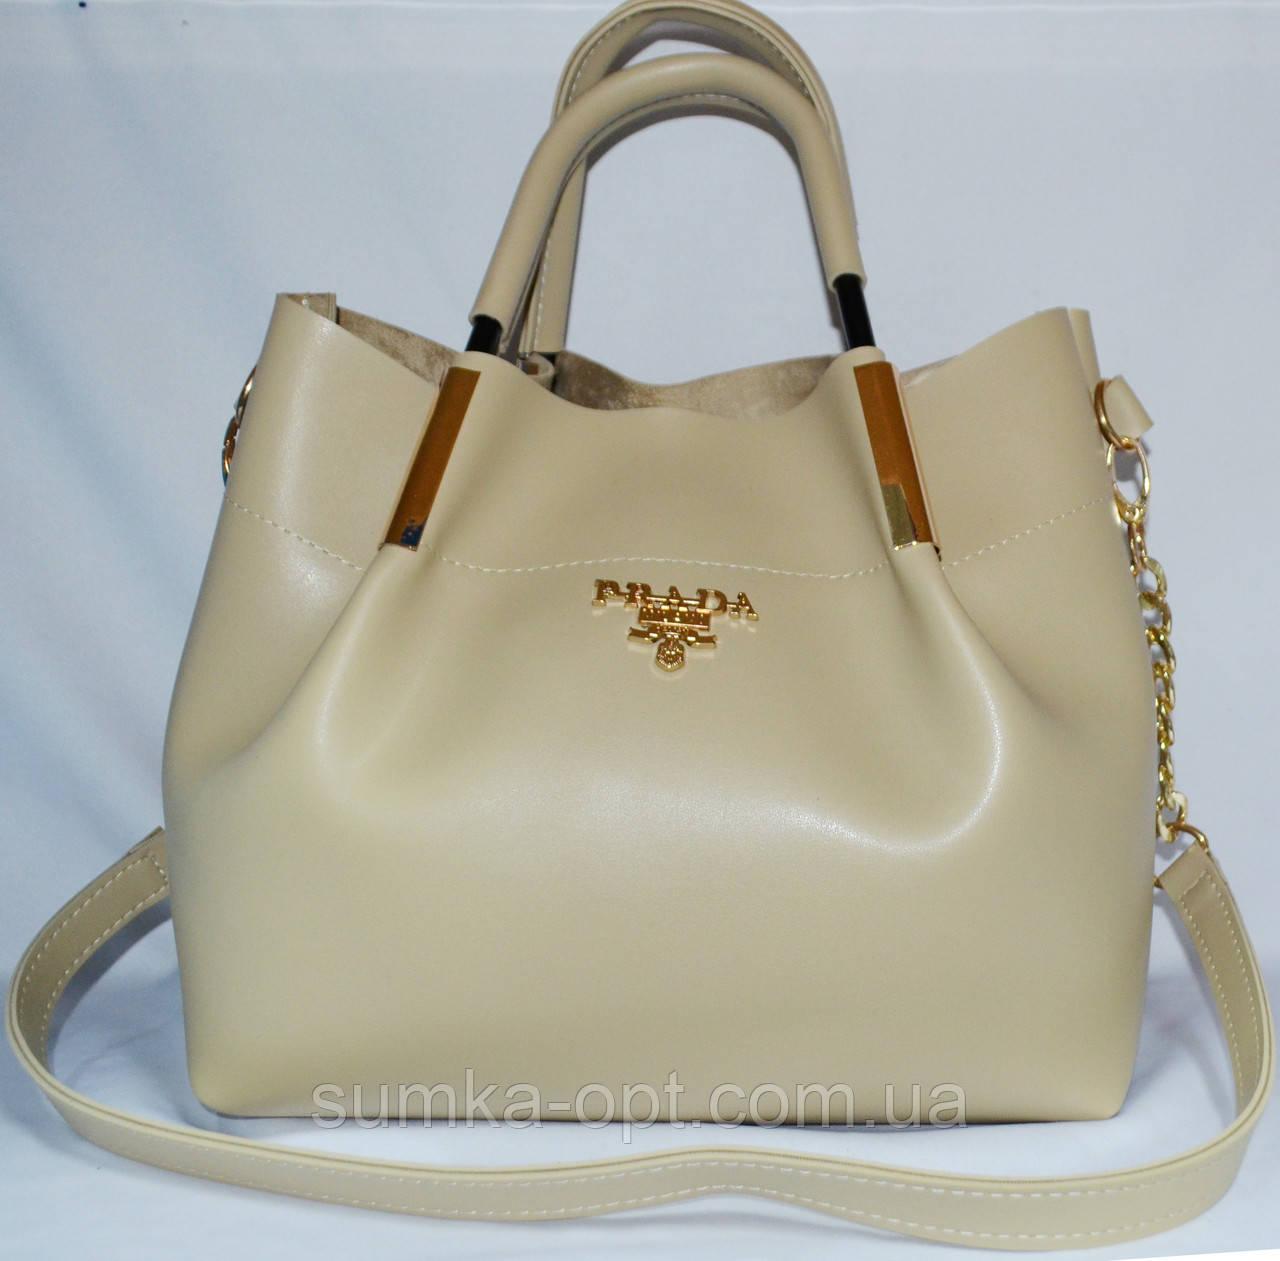 Женские сумки брендовые Prada 2-в-1 эко кожа (молочный)25*31